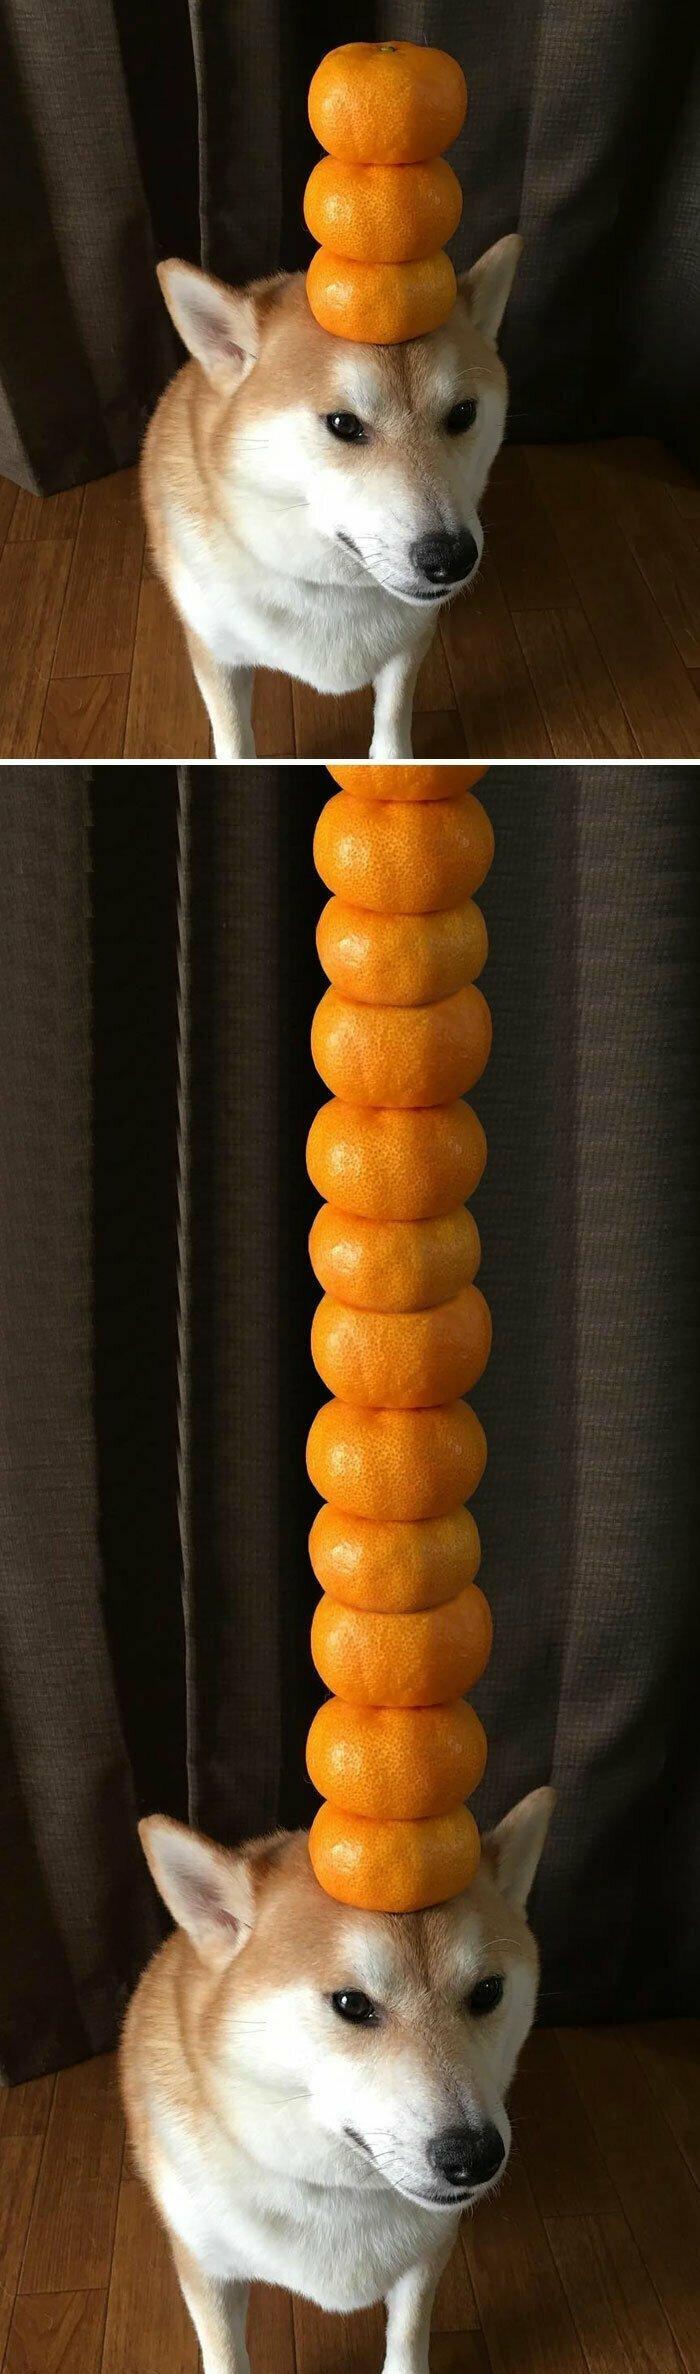 Сиба-ину - мастер над мандаринами